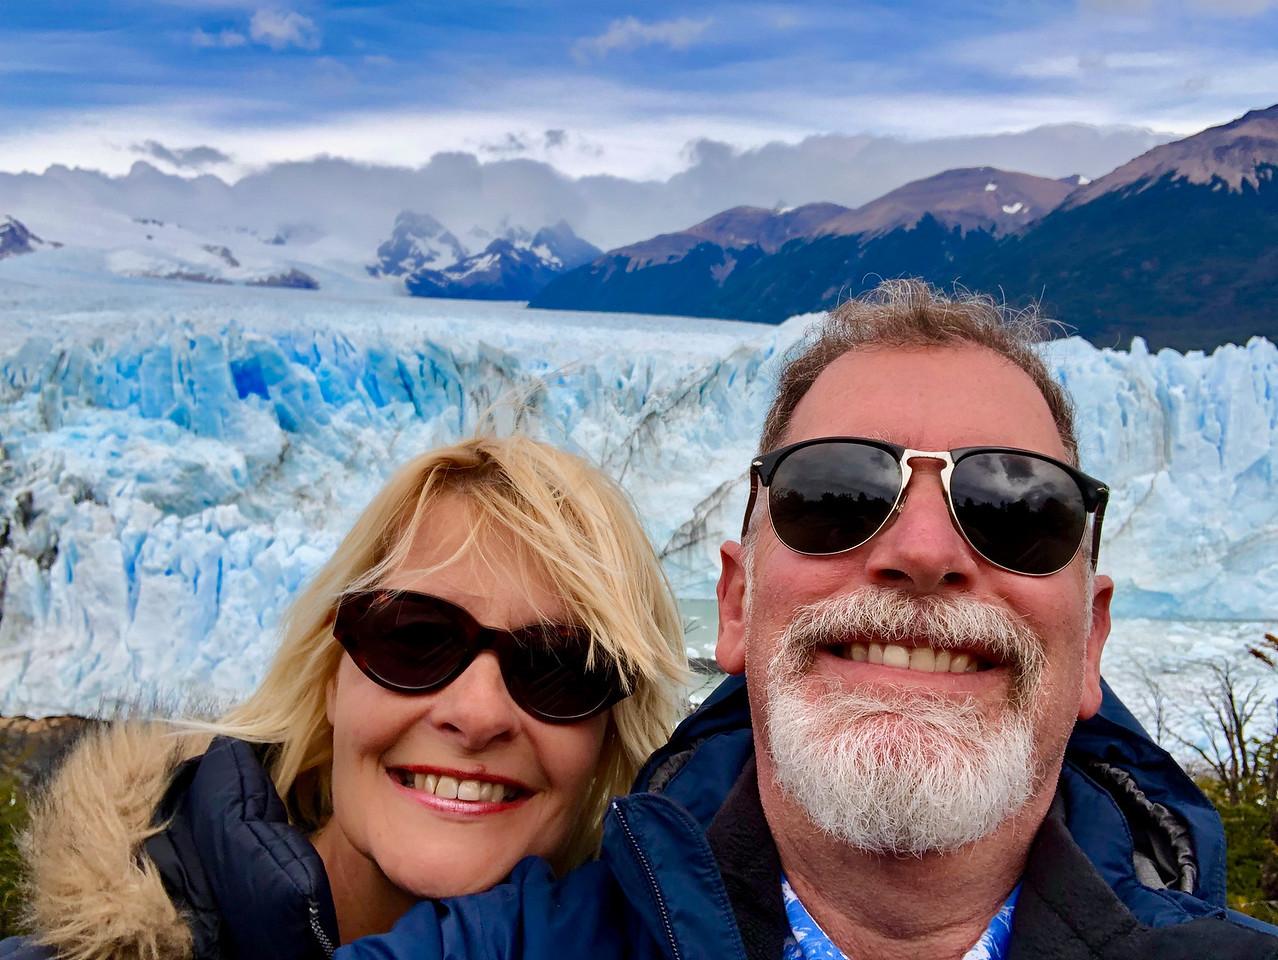 Jonathan Look and Sarah Wilson at Perito Moreno Glacier in Argentina